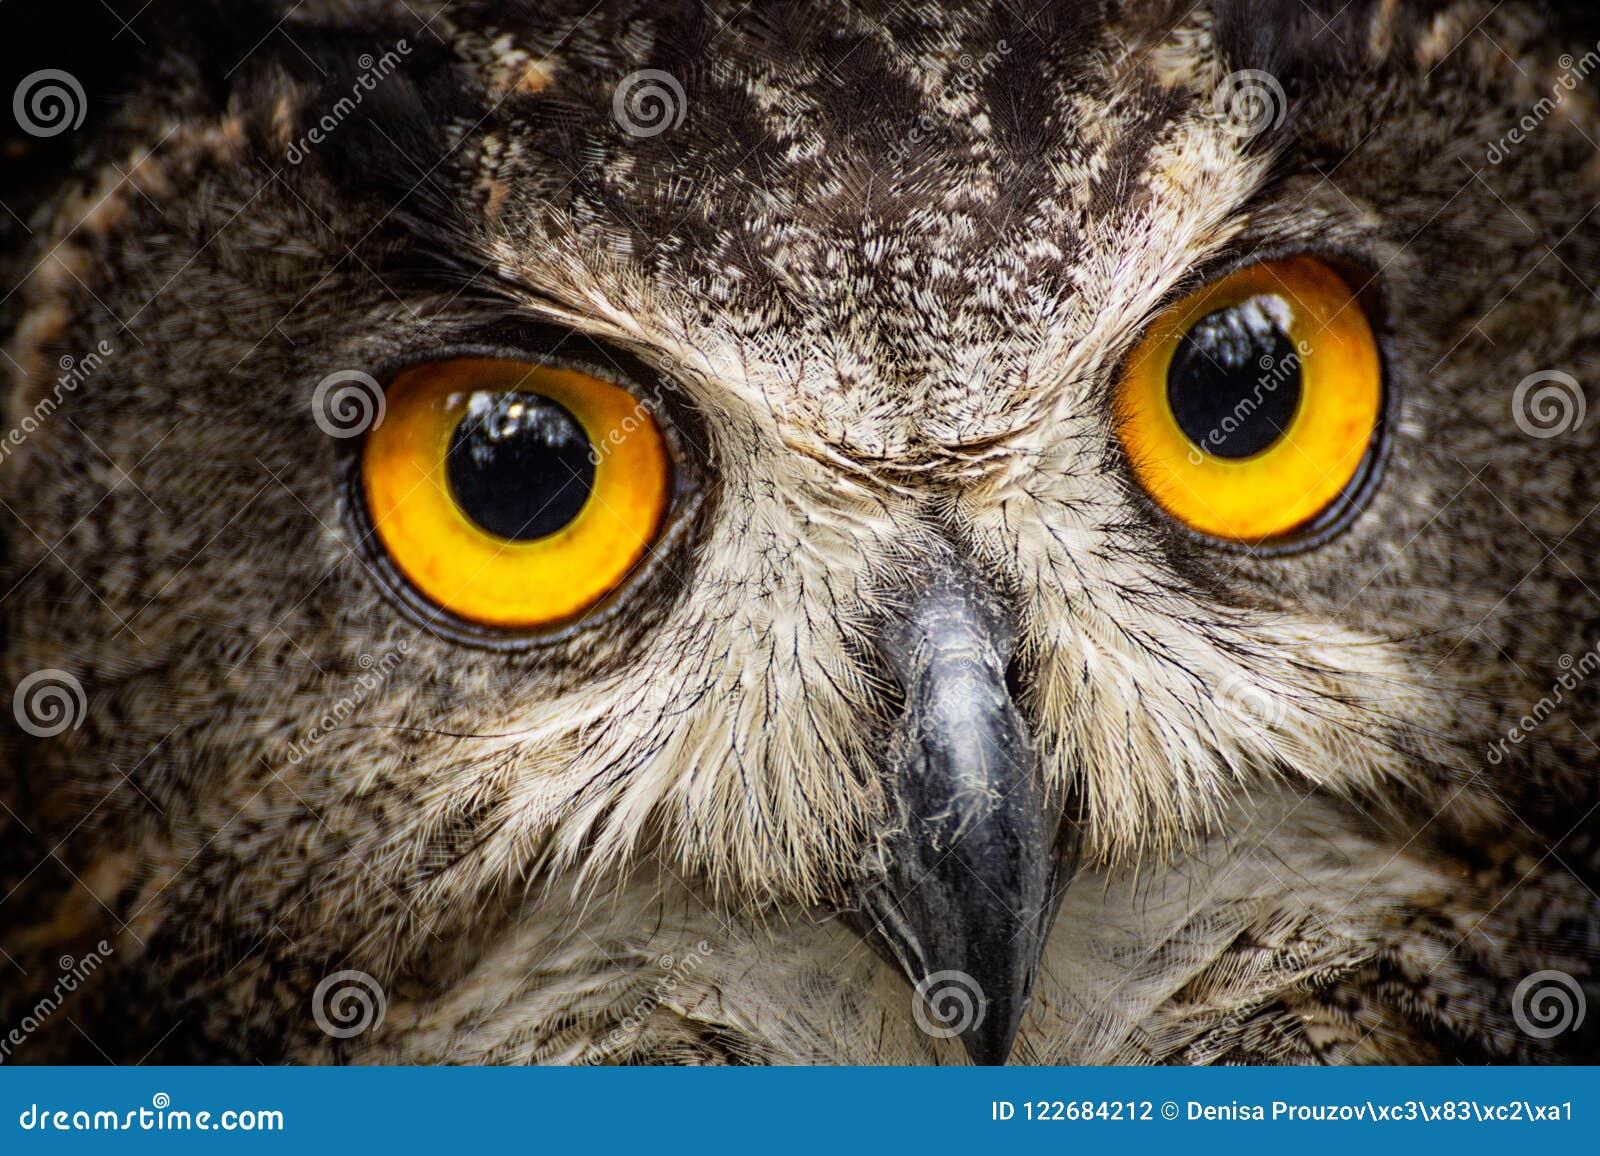 Detail close-up owl bubo bubo